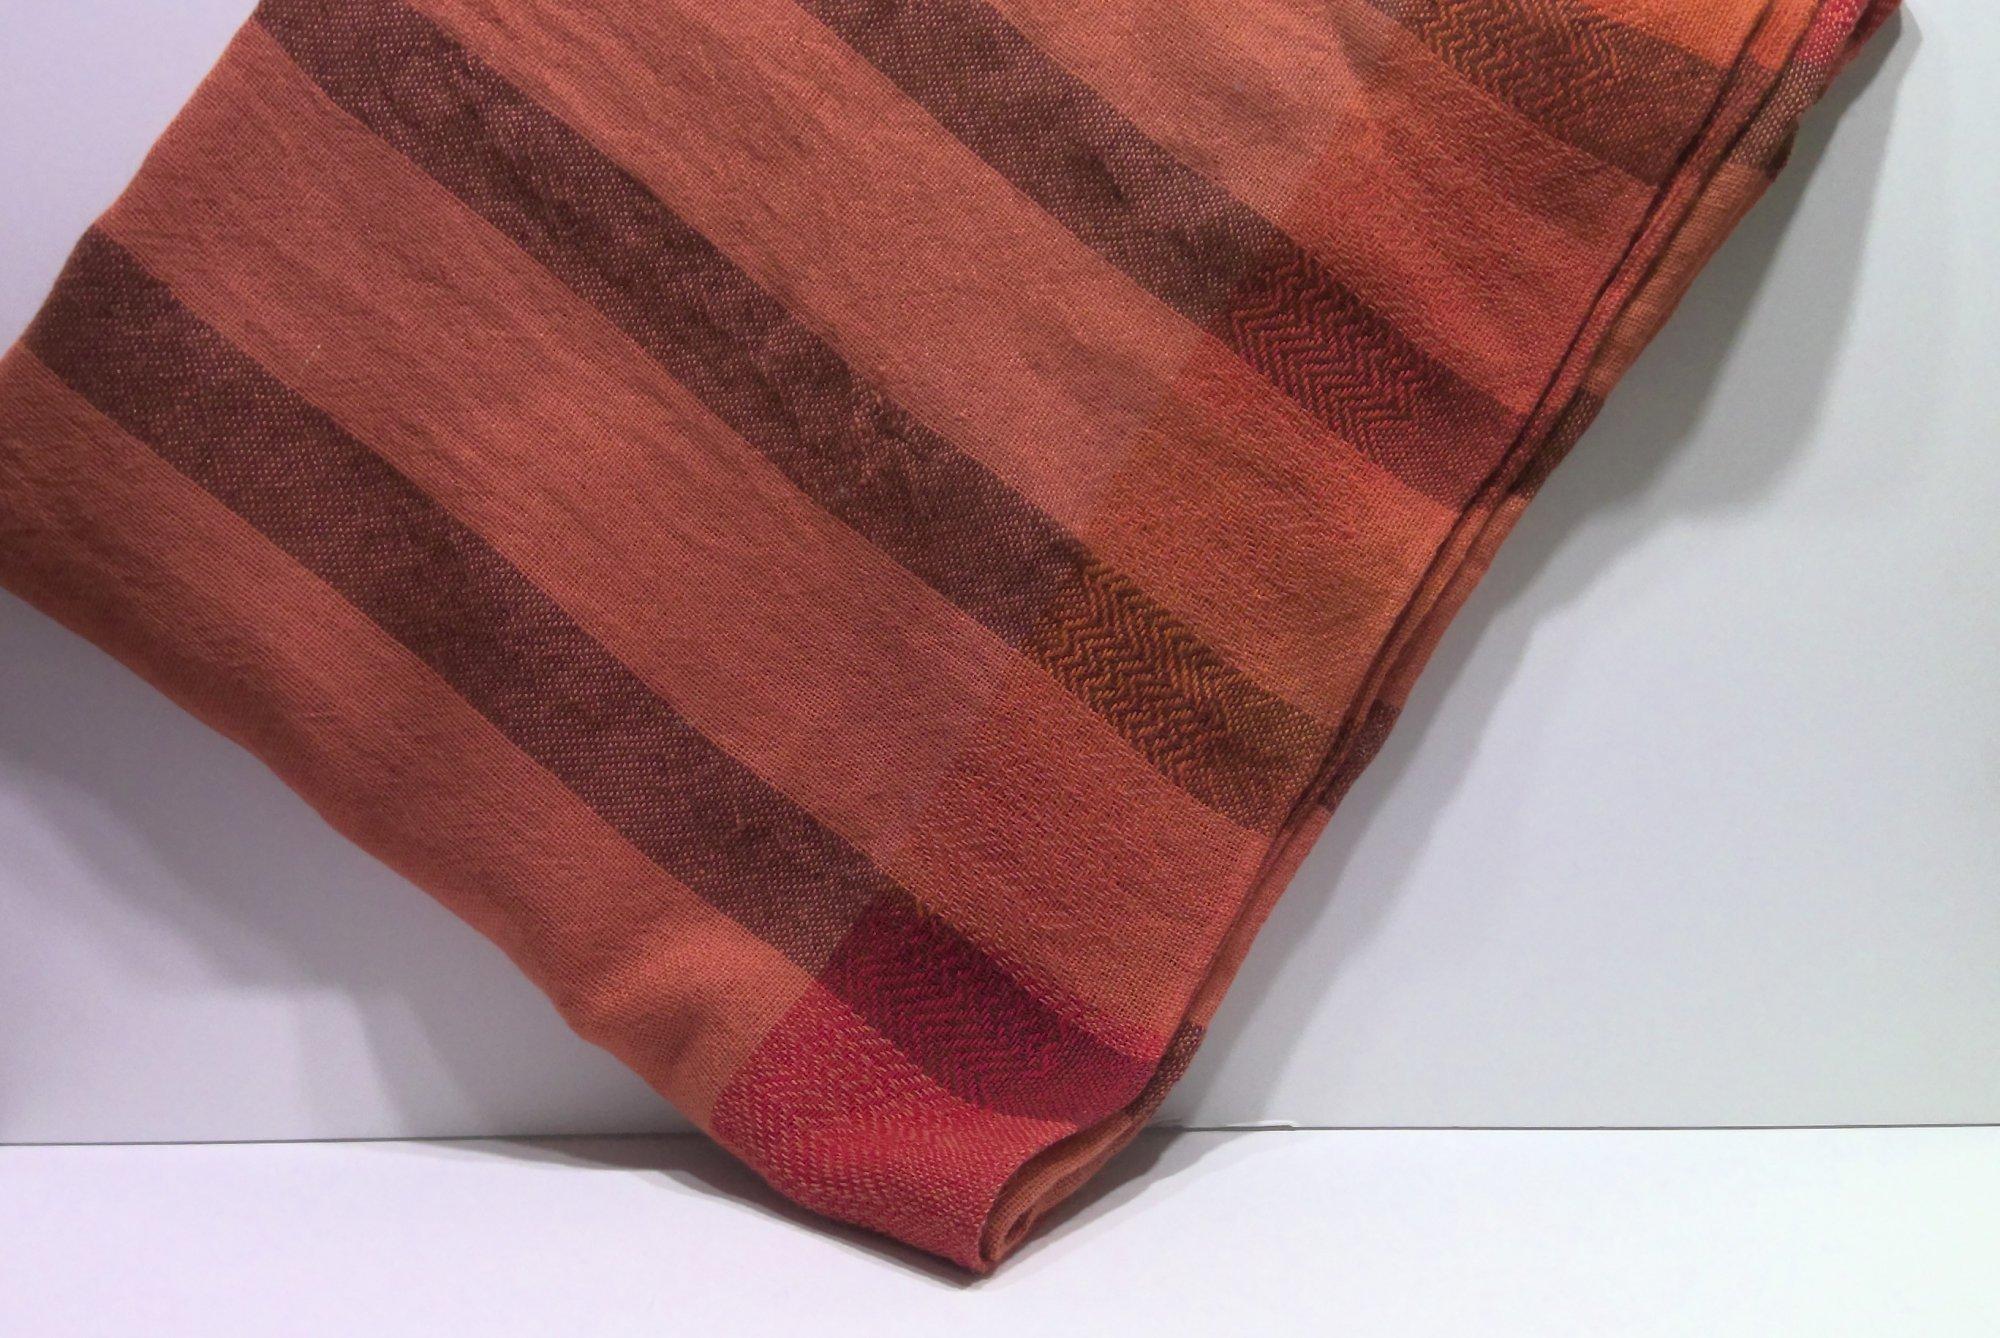 100% Wool Woven Throw Light Weight